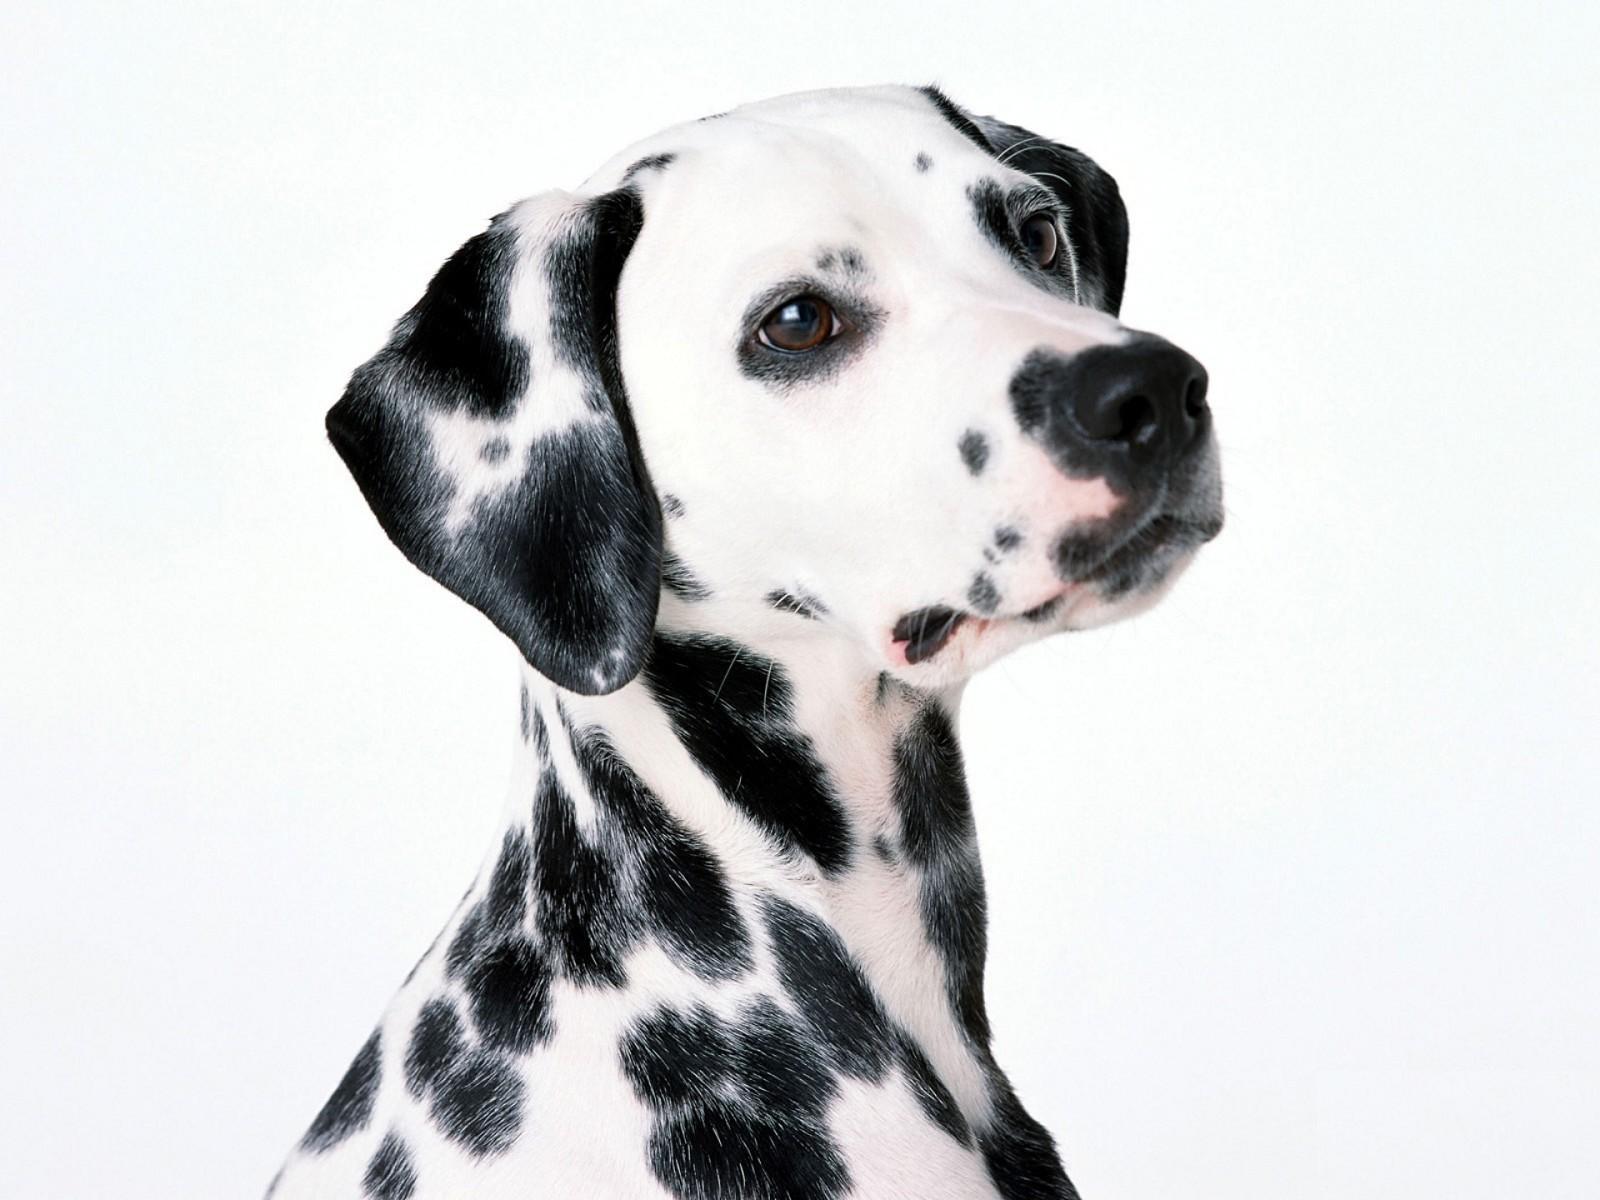 Dalmatian dog portrait wallpaper